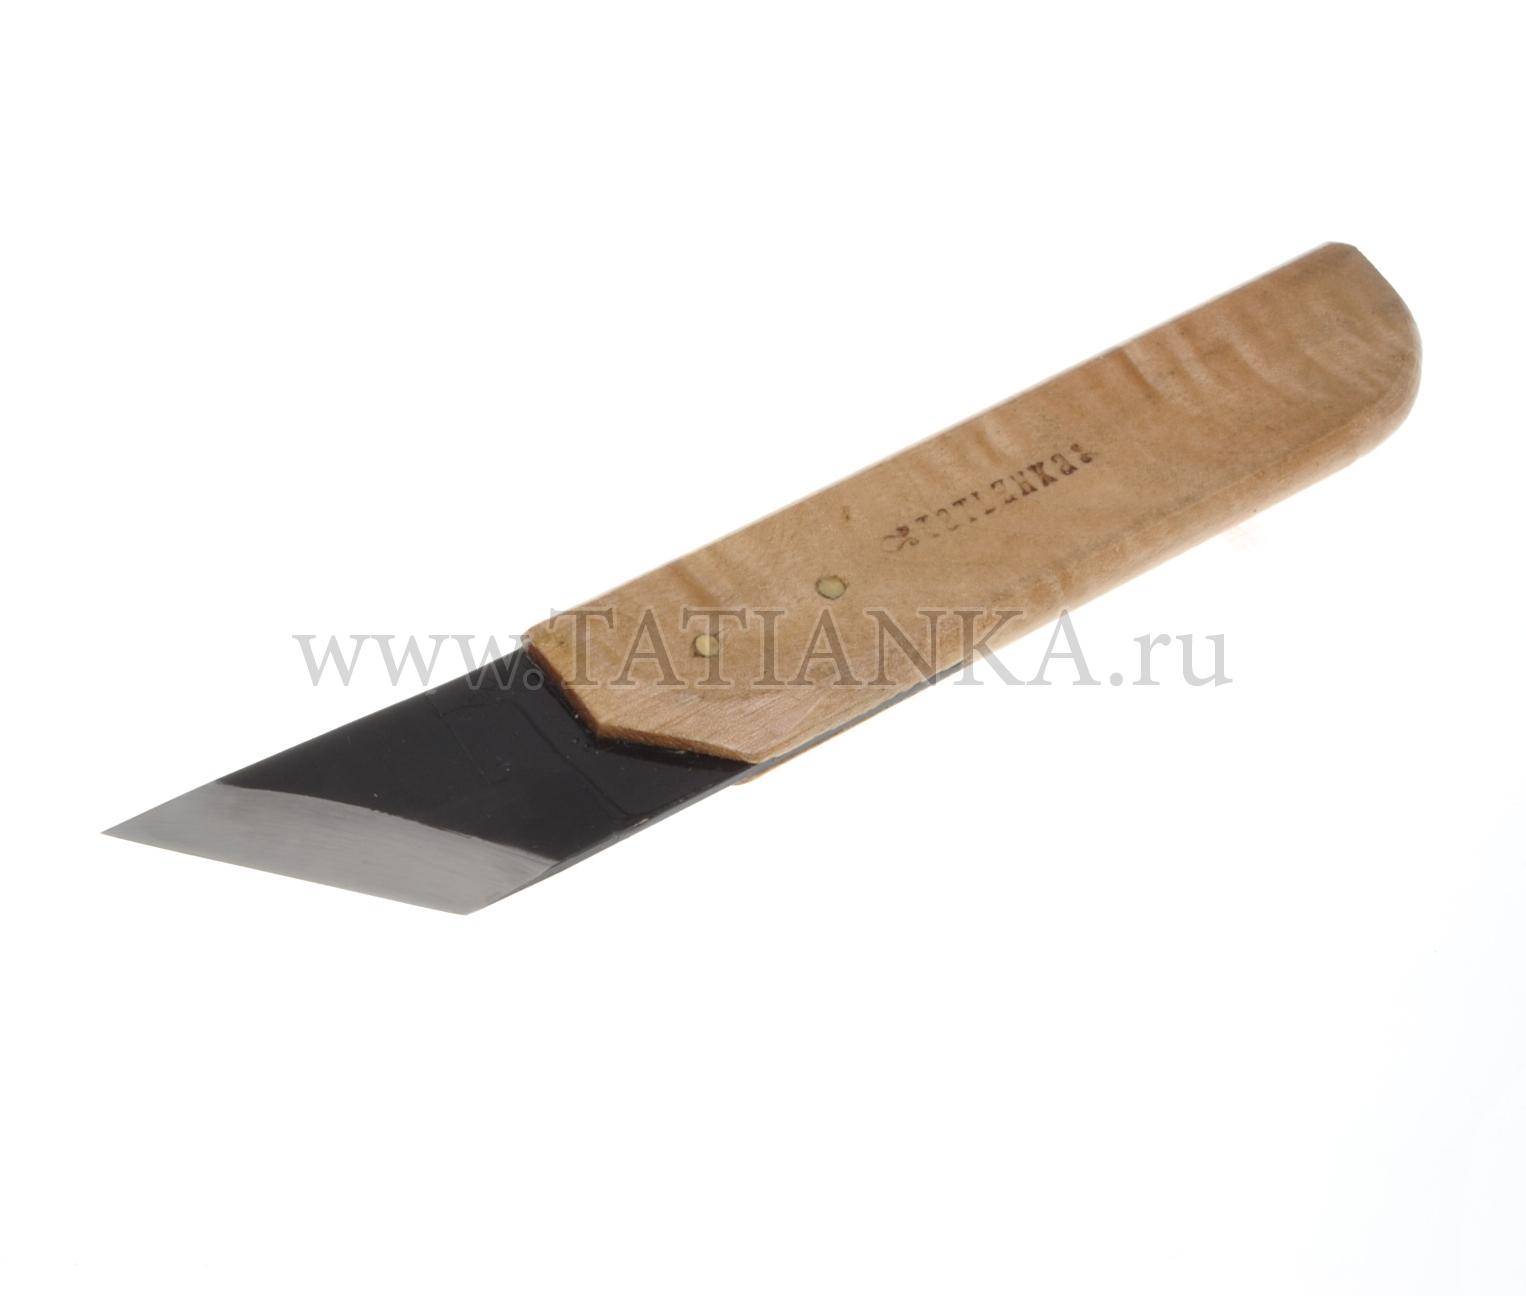 Нож К2 ТАТЬЯНКА силовой косяк